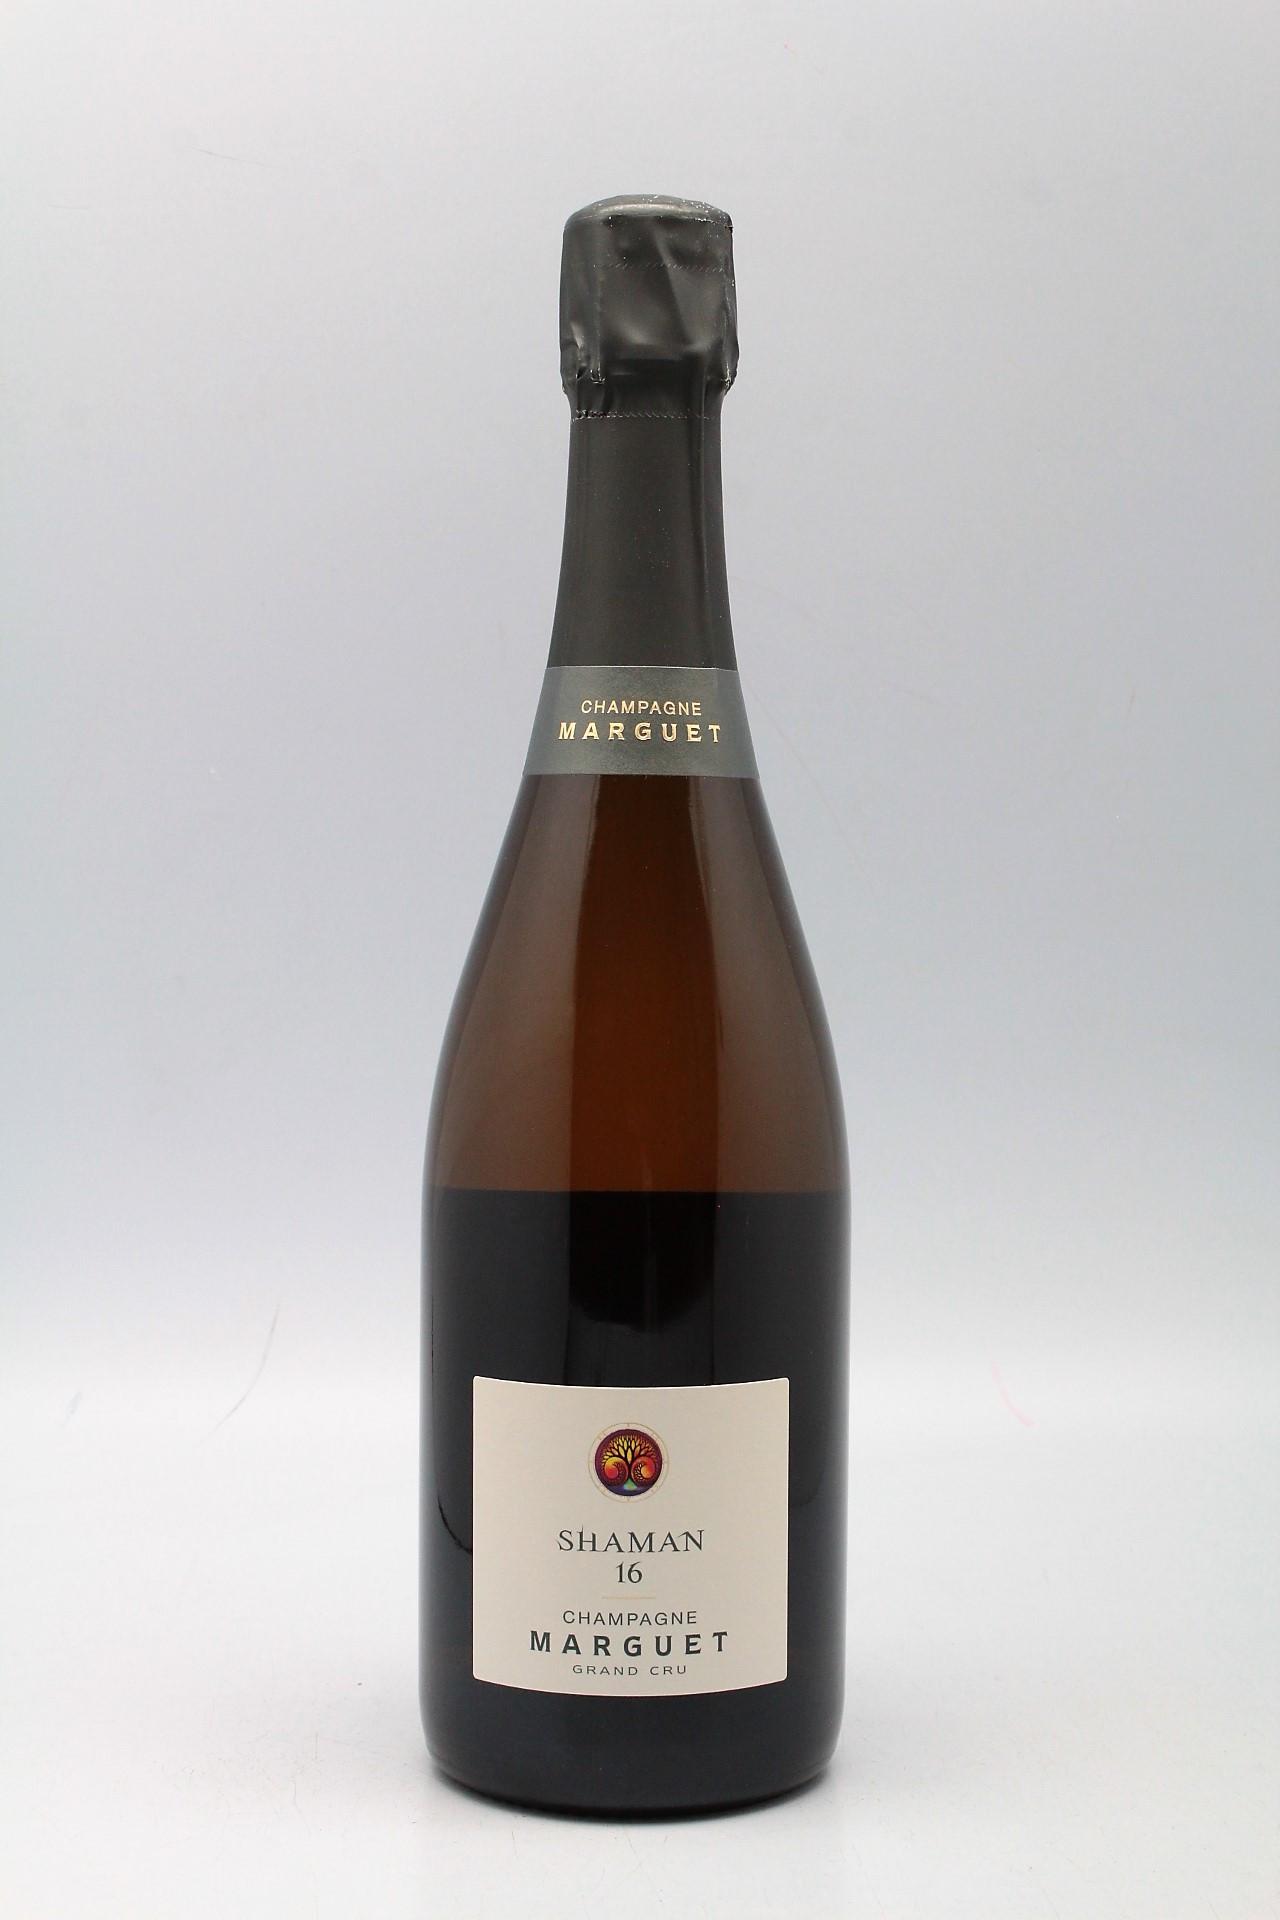 Le Jardin Des Provinces Pessac Génial Benoit Marguet Shaman 16 Extra Brut Vins & Millesimes